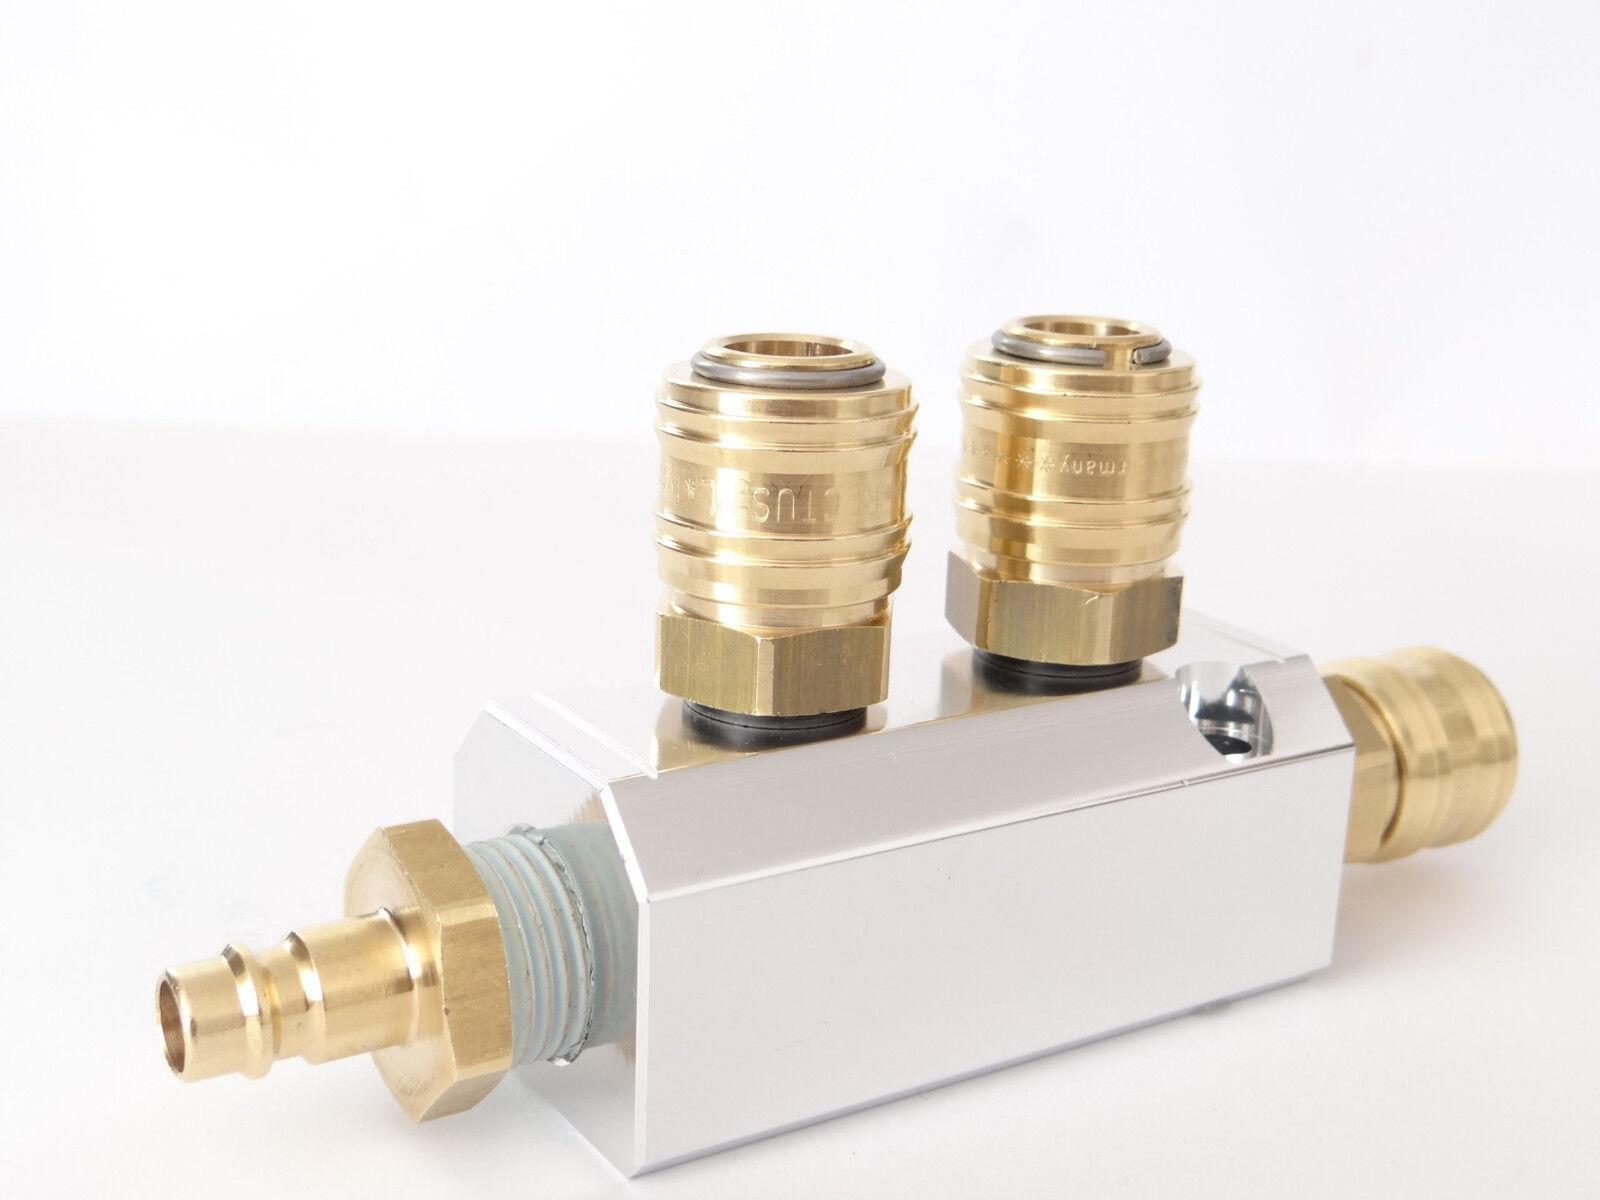 Magnetischer Schmuckpolierer Finisher Super Finishing Polieren Poliermaschine Tumbler Poliermaschine Einstellbare Frequenz 2000U//min 220V